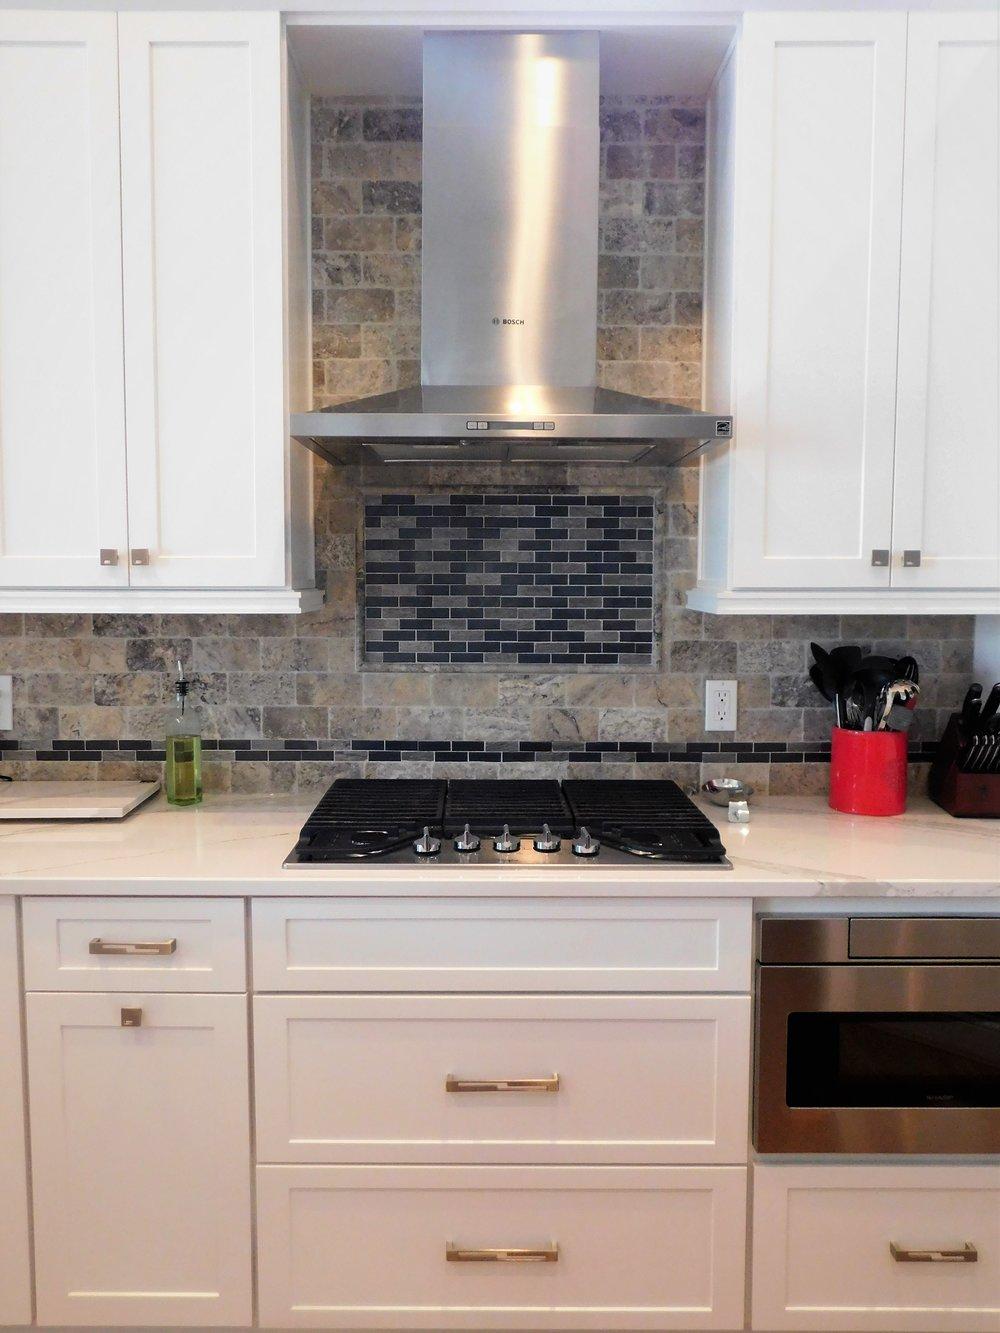 H-kitchen 2.jpg